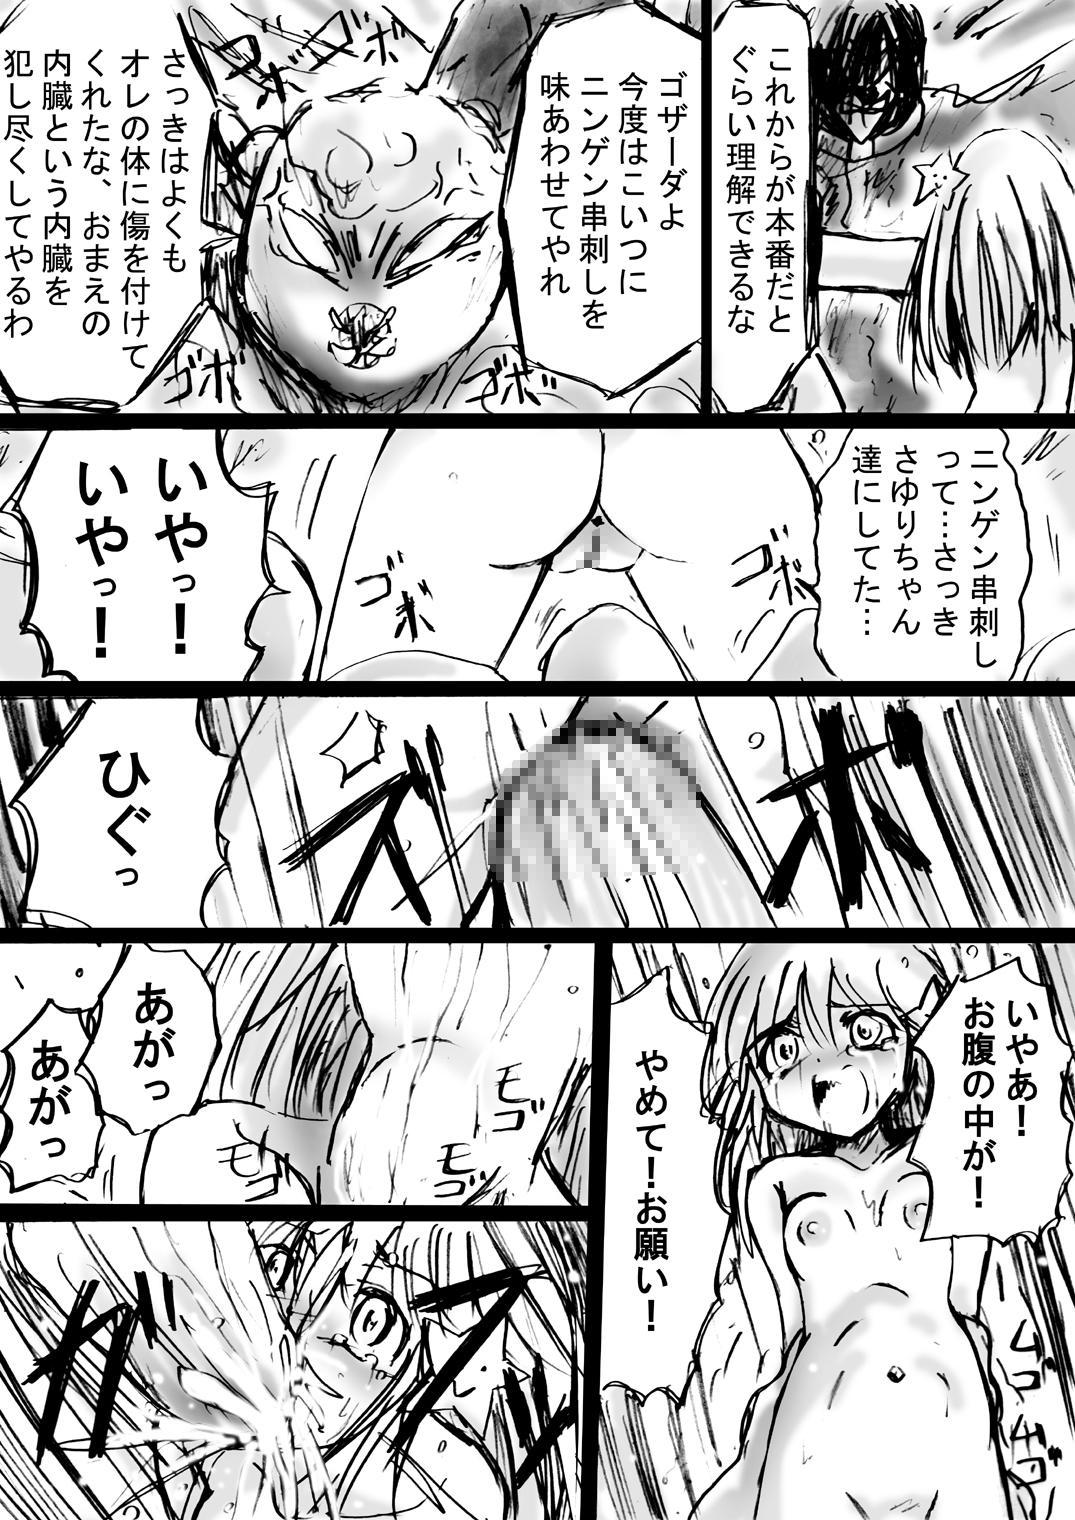 [Dende] Fushigi Sekai -Mystery World- Nonoha 5 ~Jokuma no Kyouniku no Tainai Shinshoku~ 54